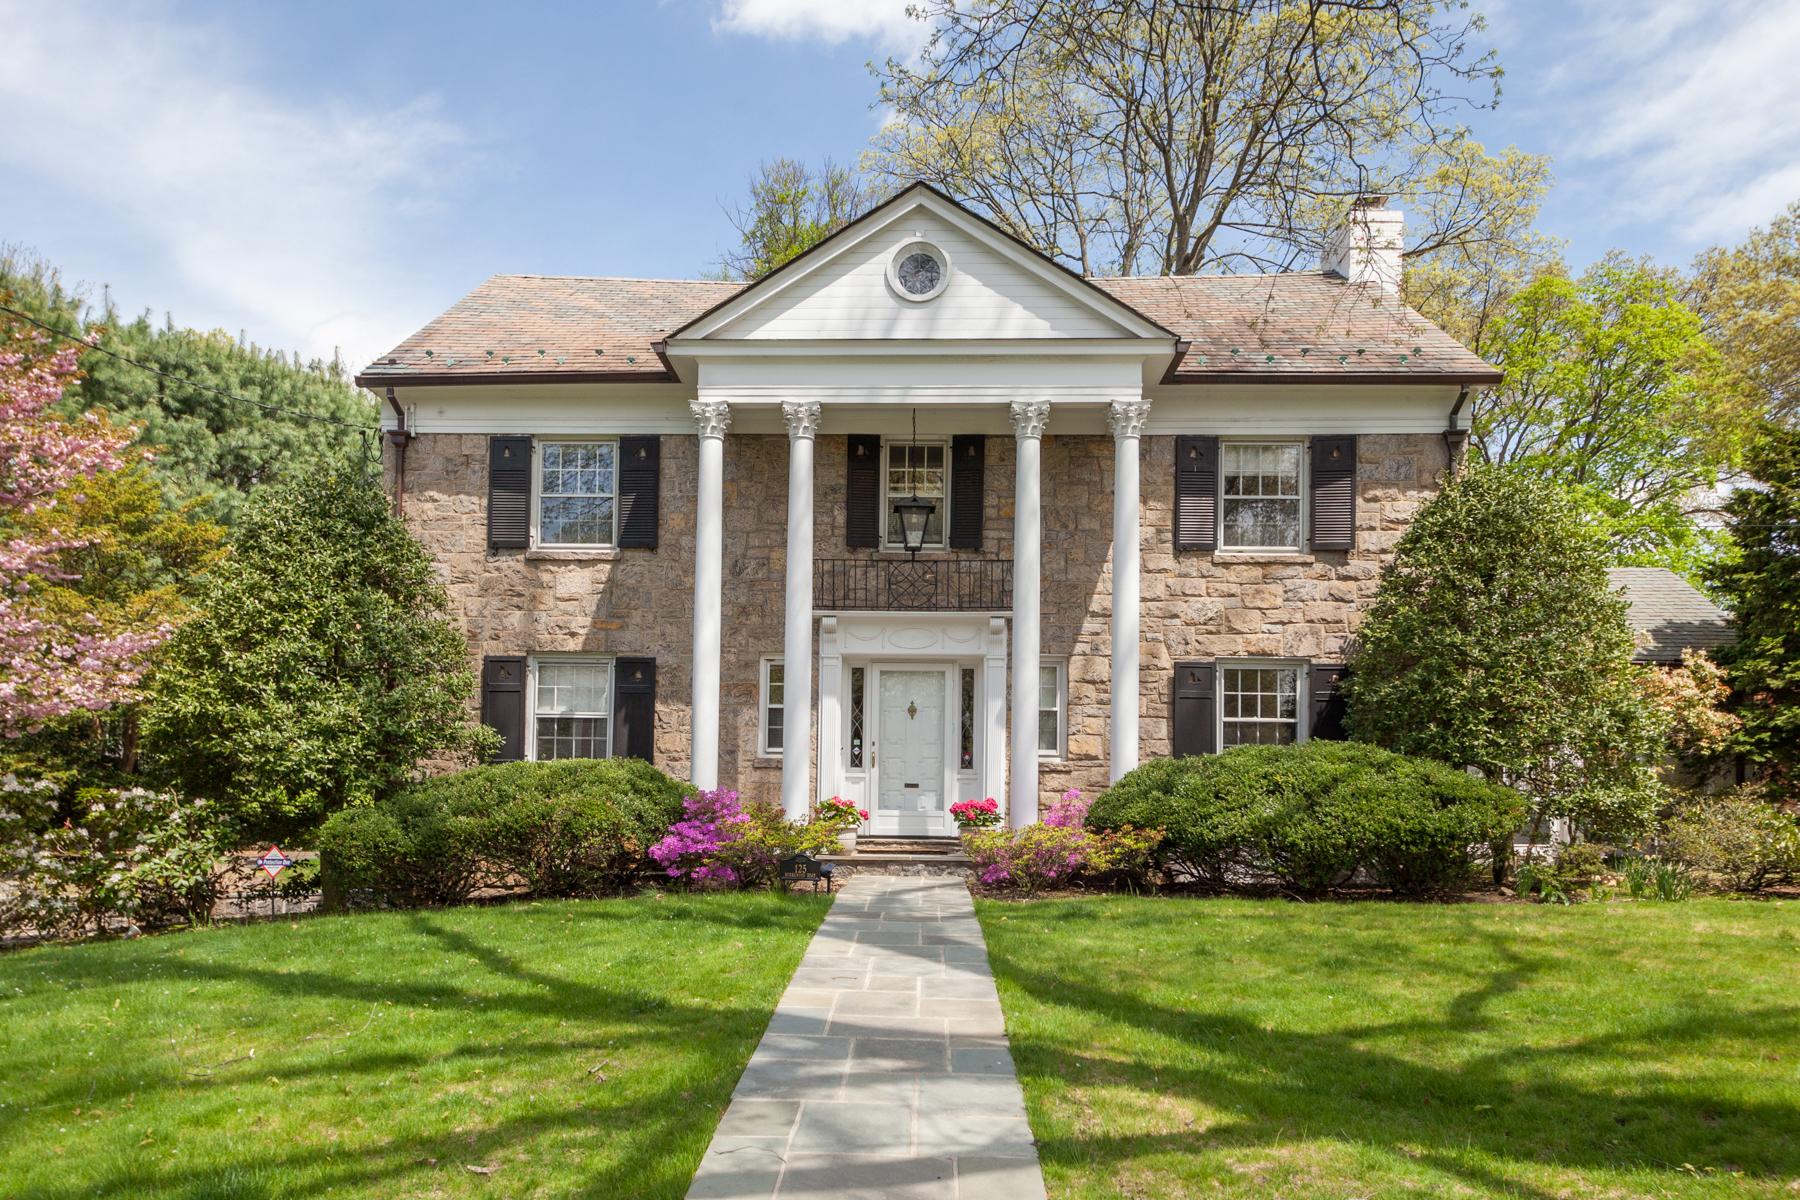 Casa Unifamiliar por un Venta en Welcome To 125 Burkewood Road 125 Burkewood Road Mount Vernon, Nueva York 10552 Estados Unidos